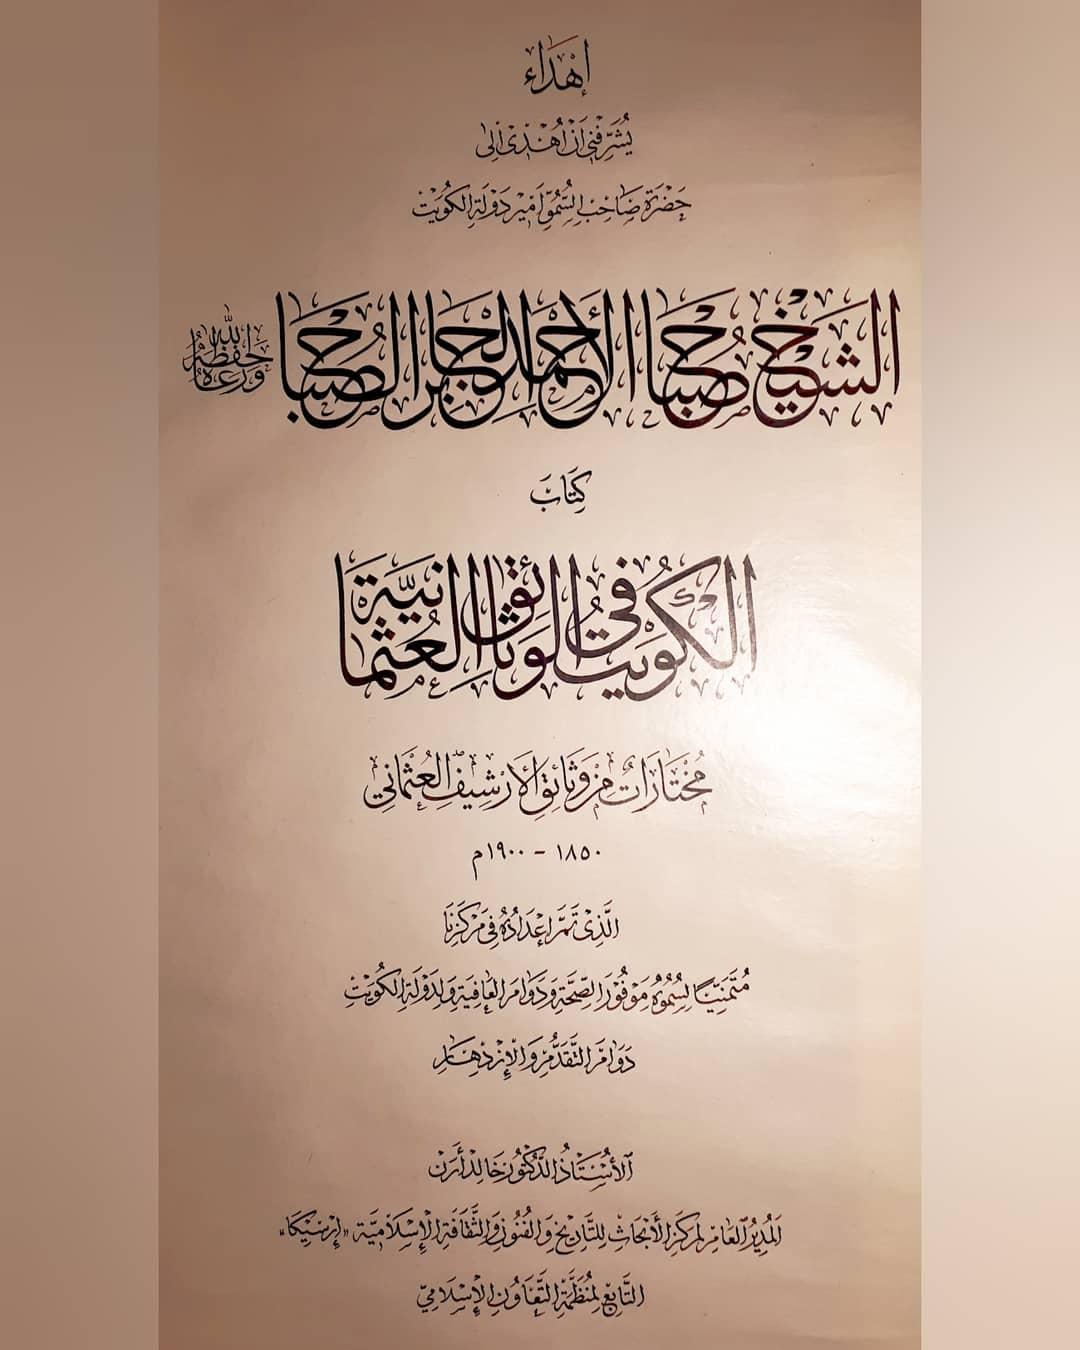 al kattat احمدعلی نمازی  ……. acilen gün içinde yazdığım kitap kapağı….. جلد کتاب نگارش یک روزه . . … 465